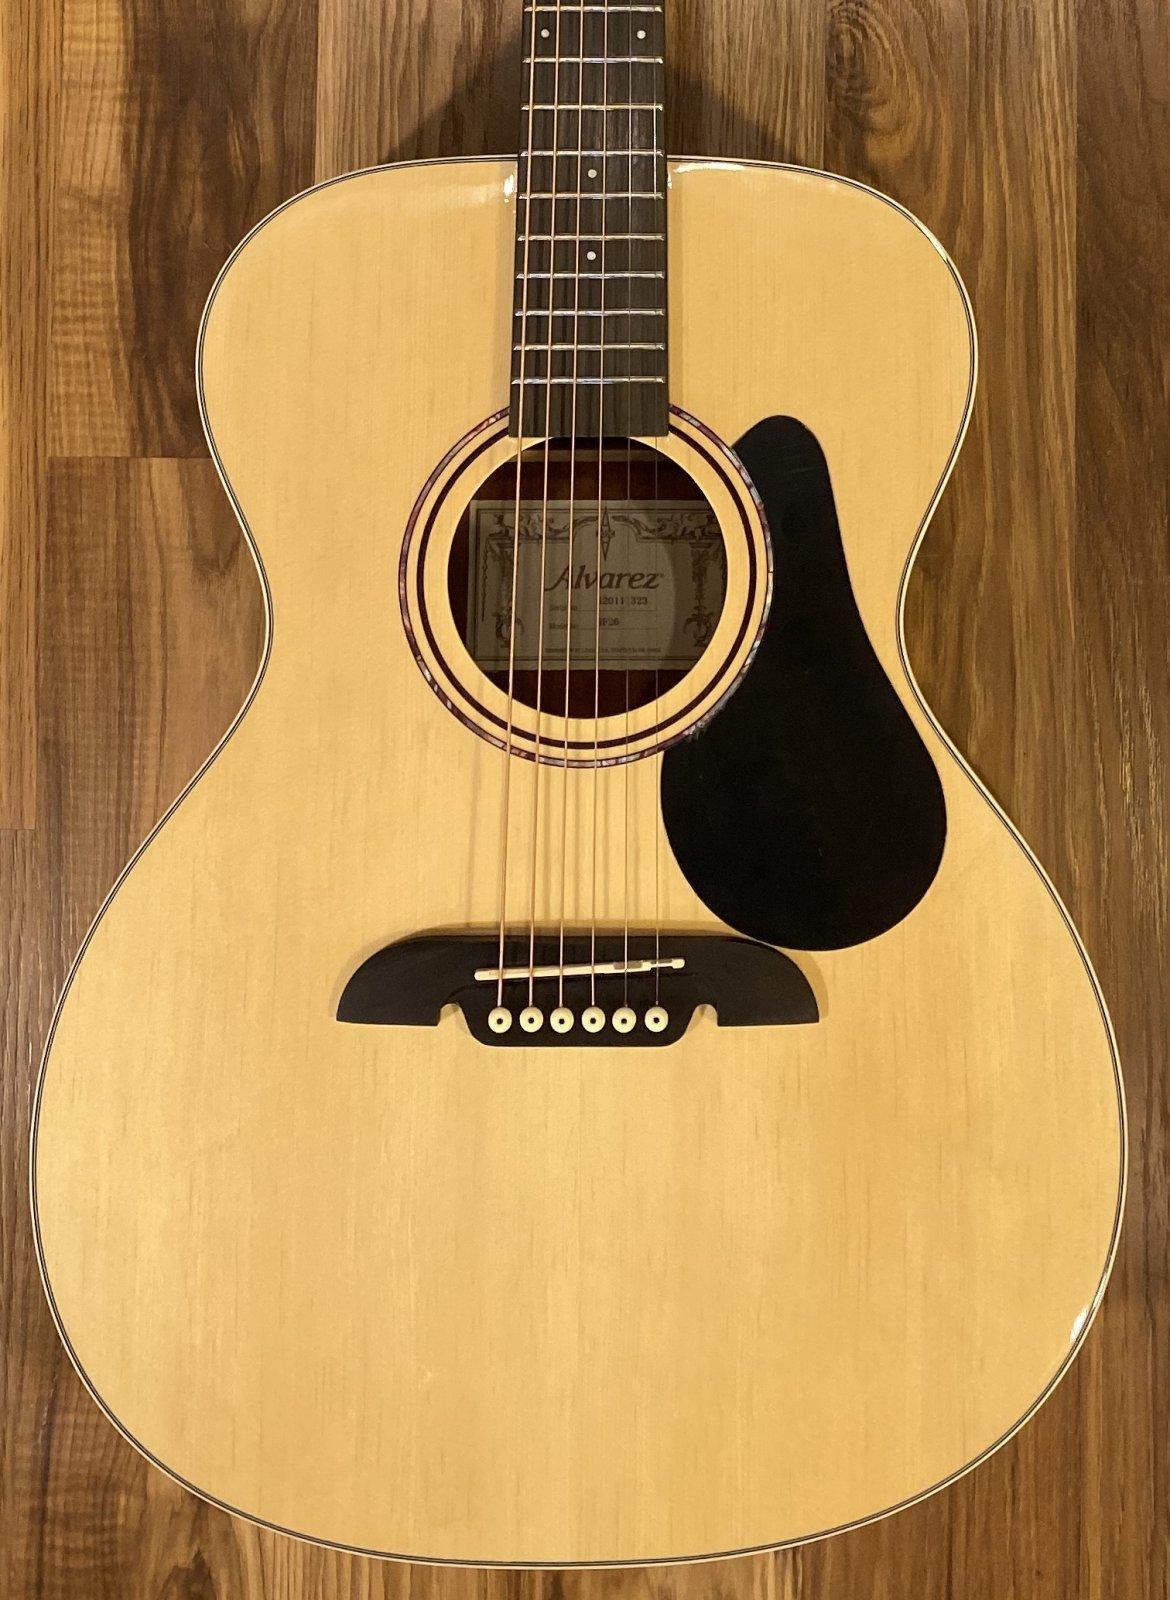 Alvarez RF26 Regent OM/Folk Acoustic Guitar w/Gig bag